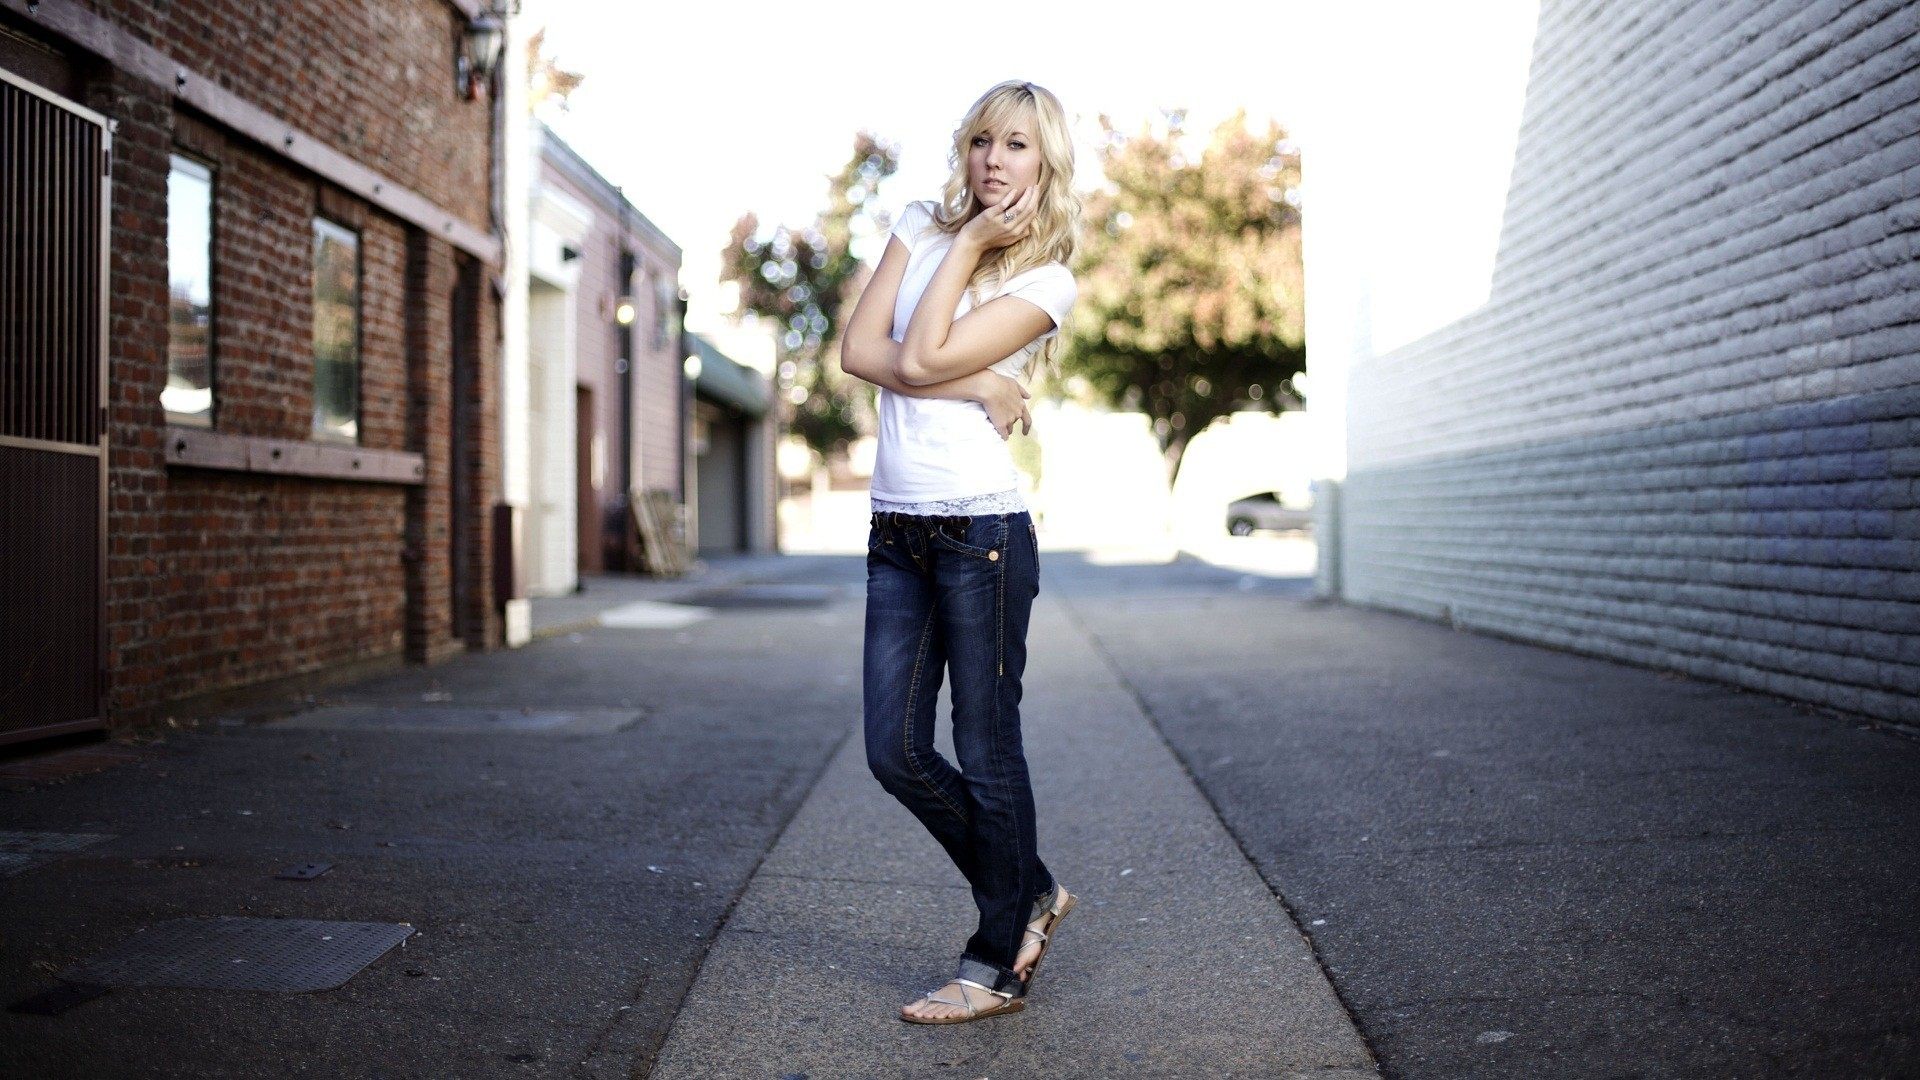 заворожённая фото девушек в повседневной жизни блондинок снимает